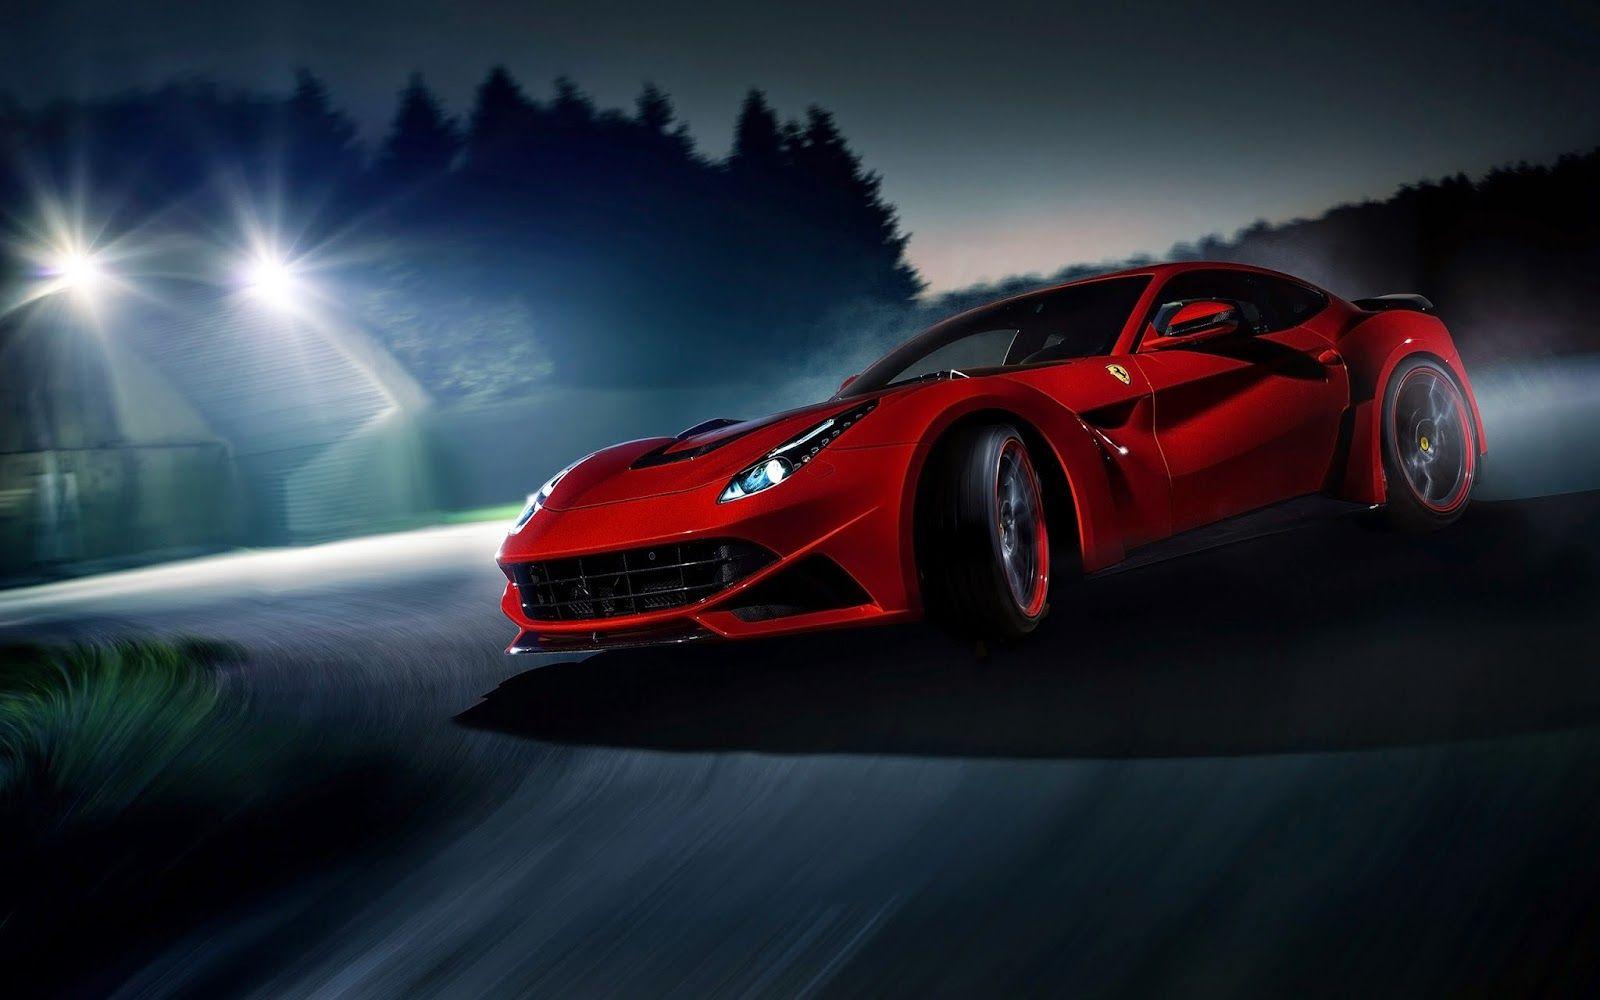 gambar mobil balap, mobil sport, dan mobil mewah yang keren   free